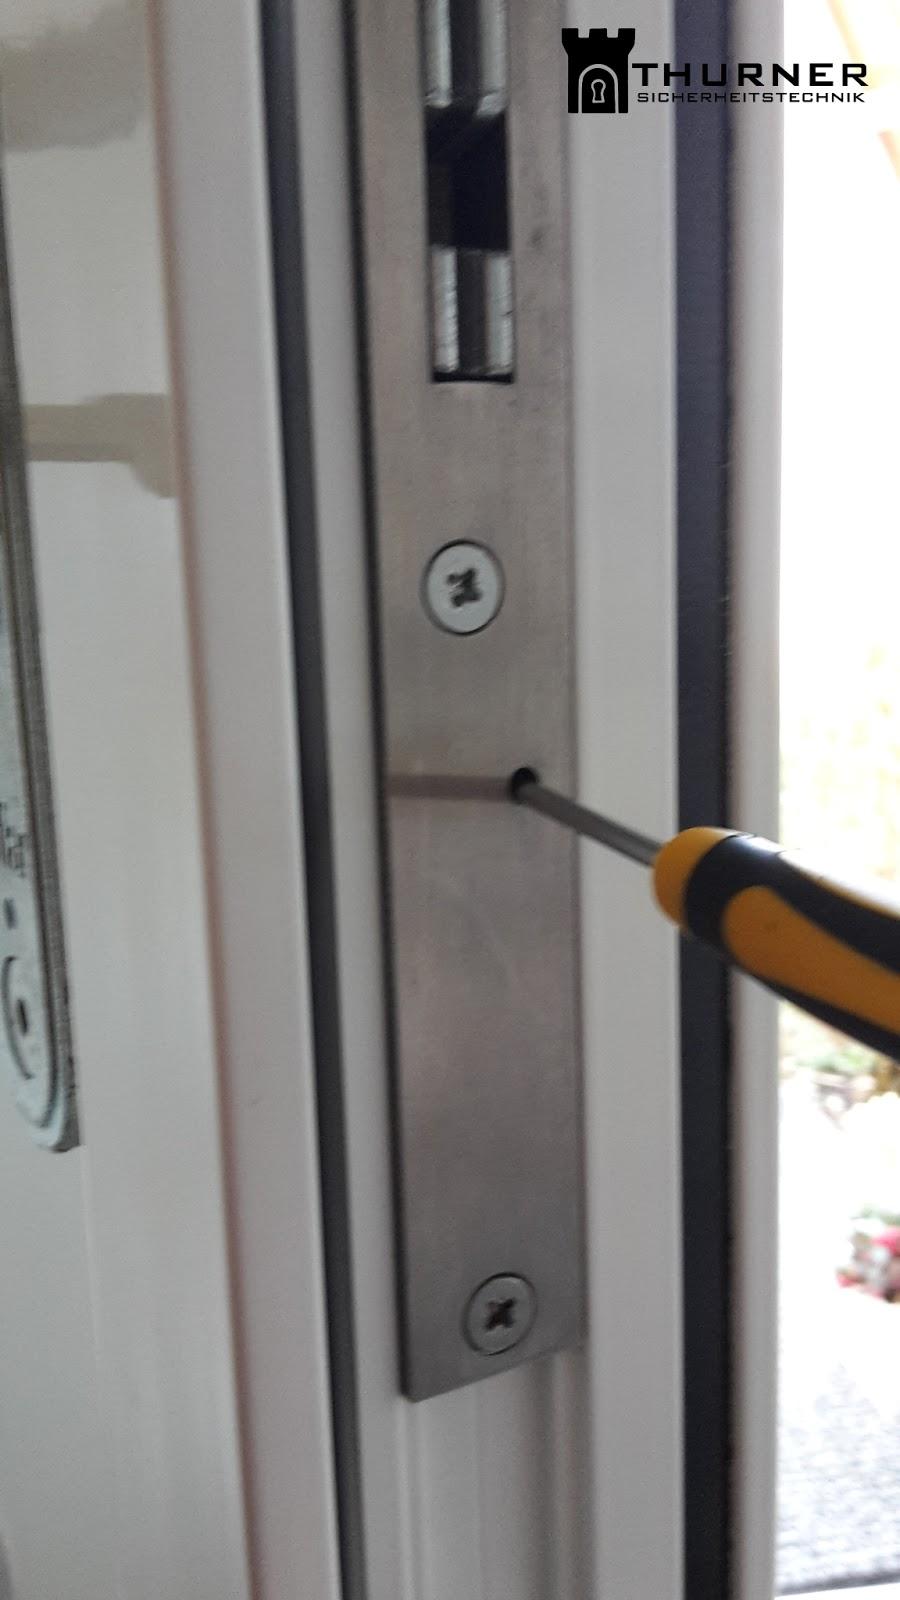 thurner sicherheitstechnik diy-blog: praxis: schließzylinder in